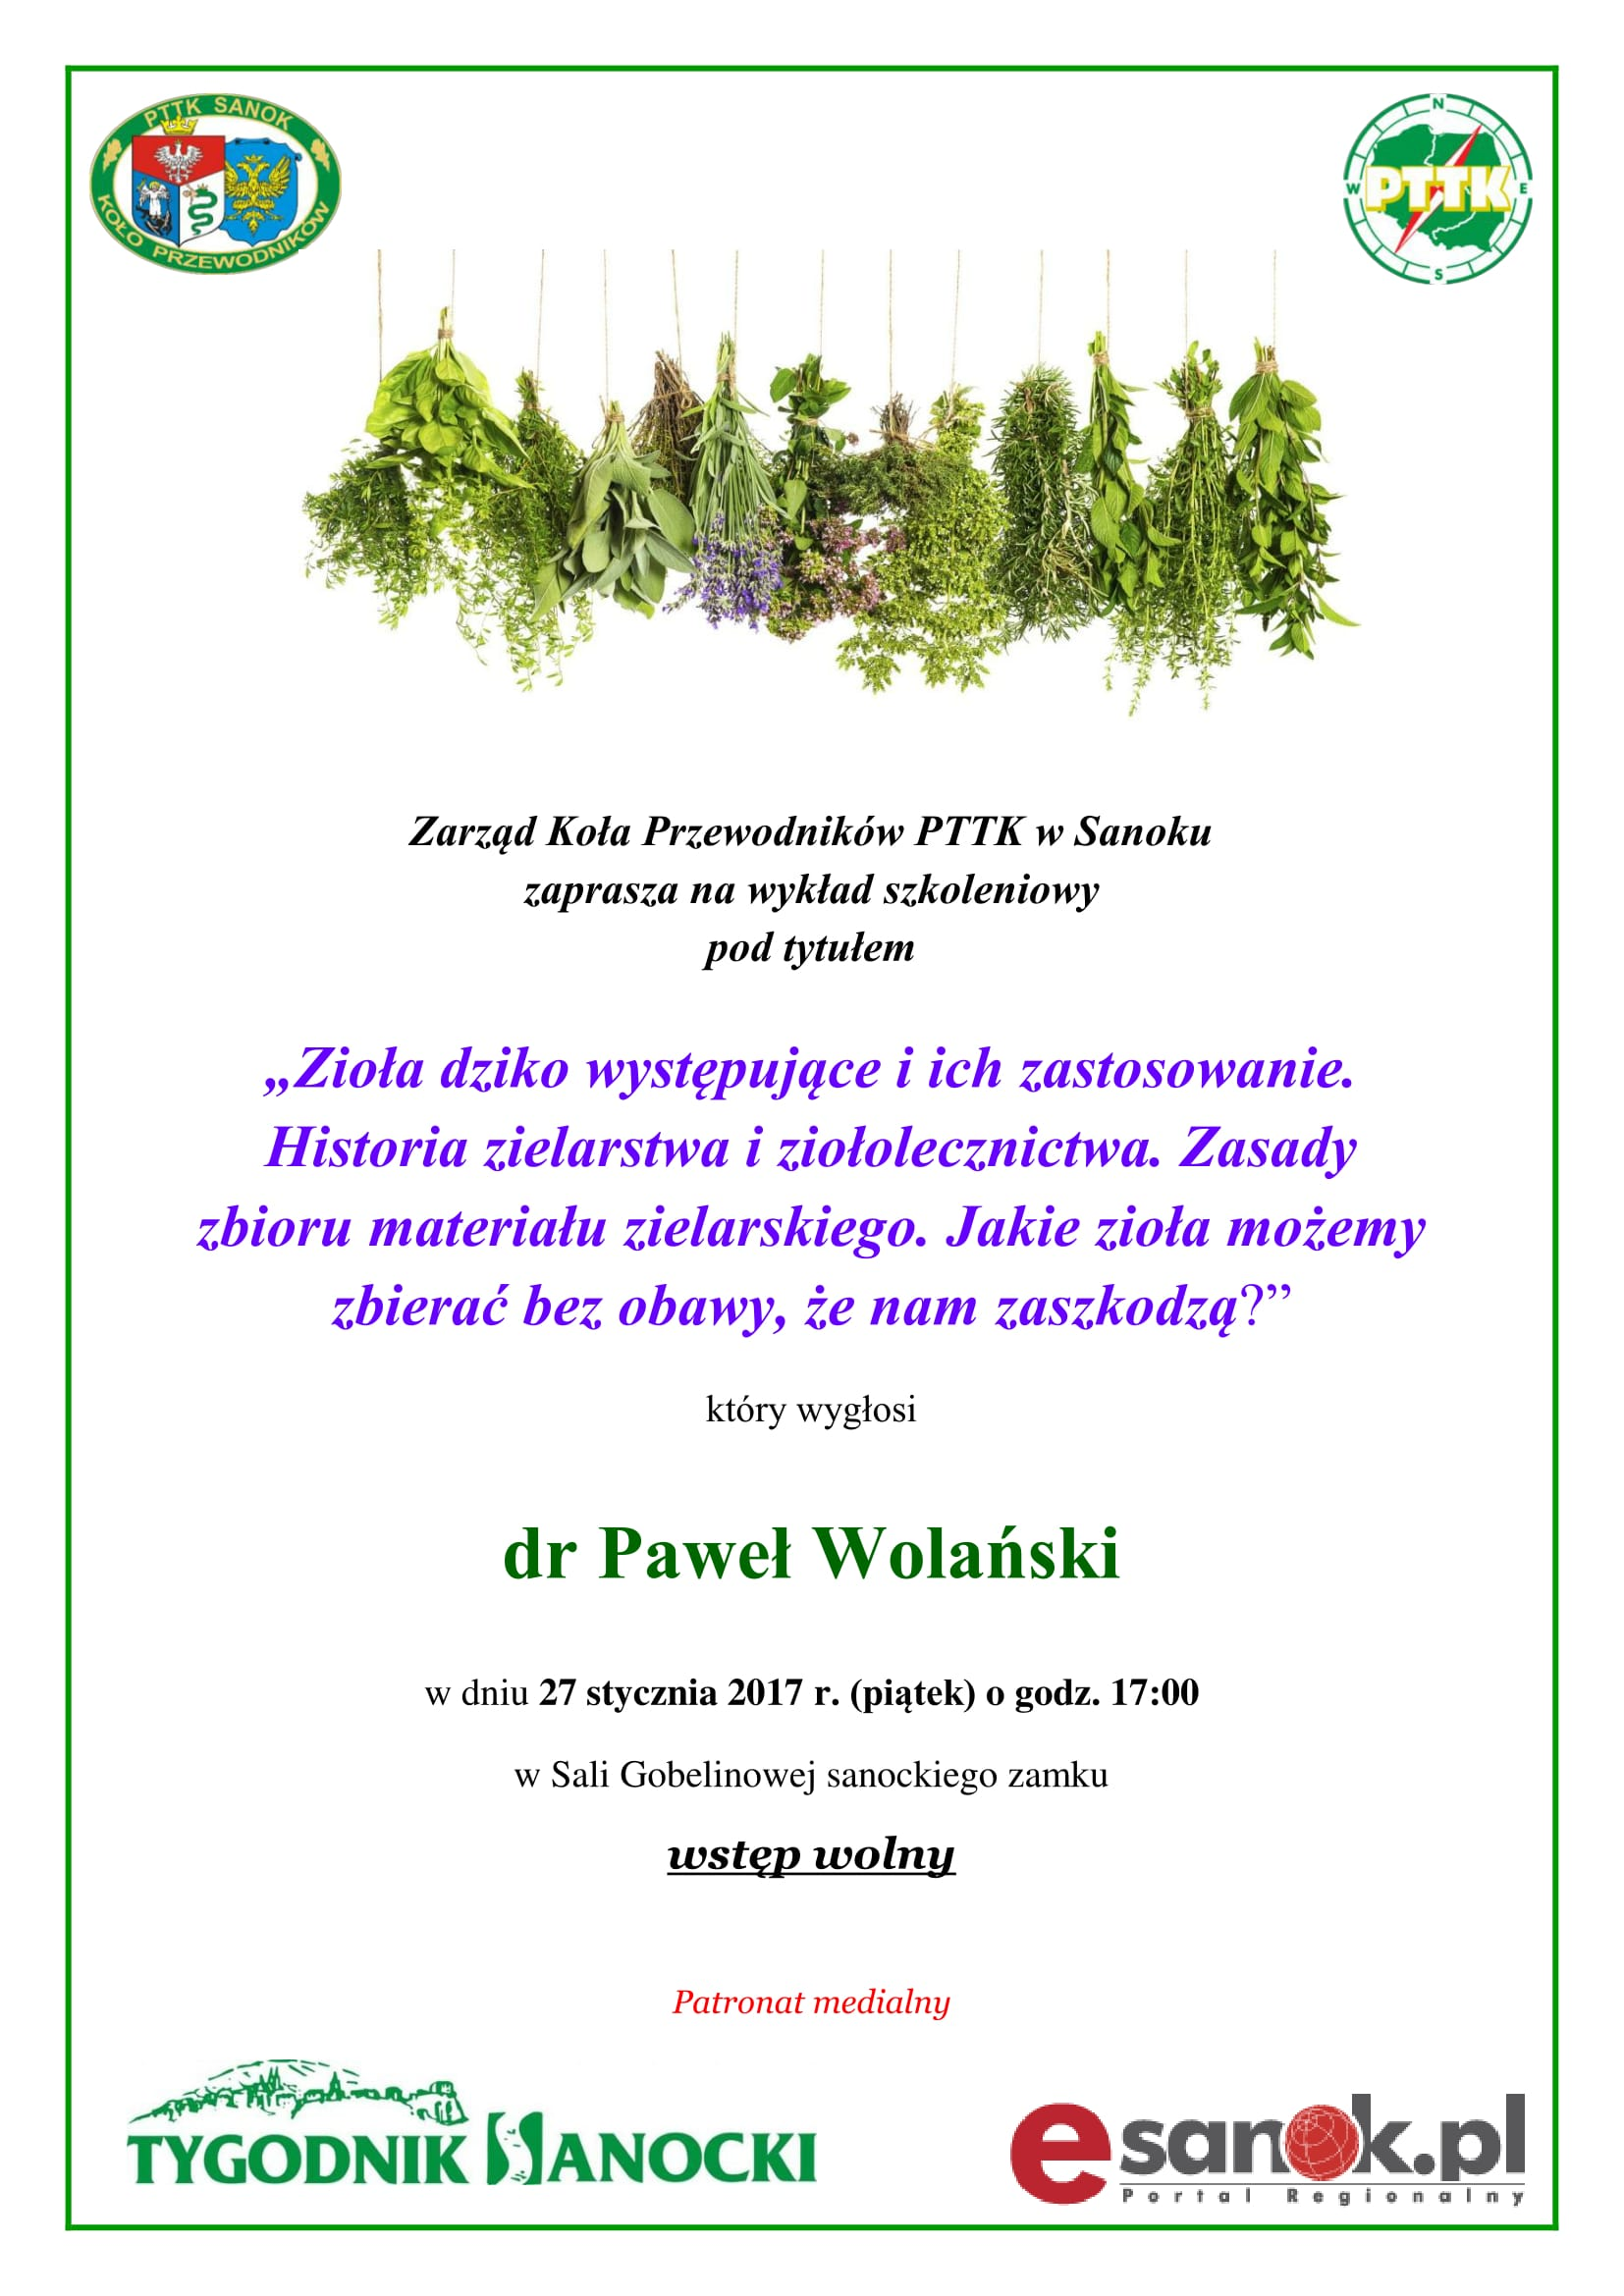 Wykład dr Pawła Wolańskiego 27.01.2017-1